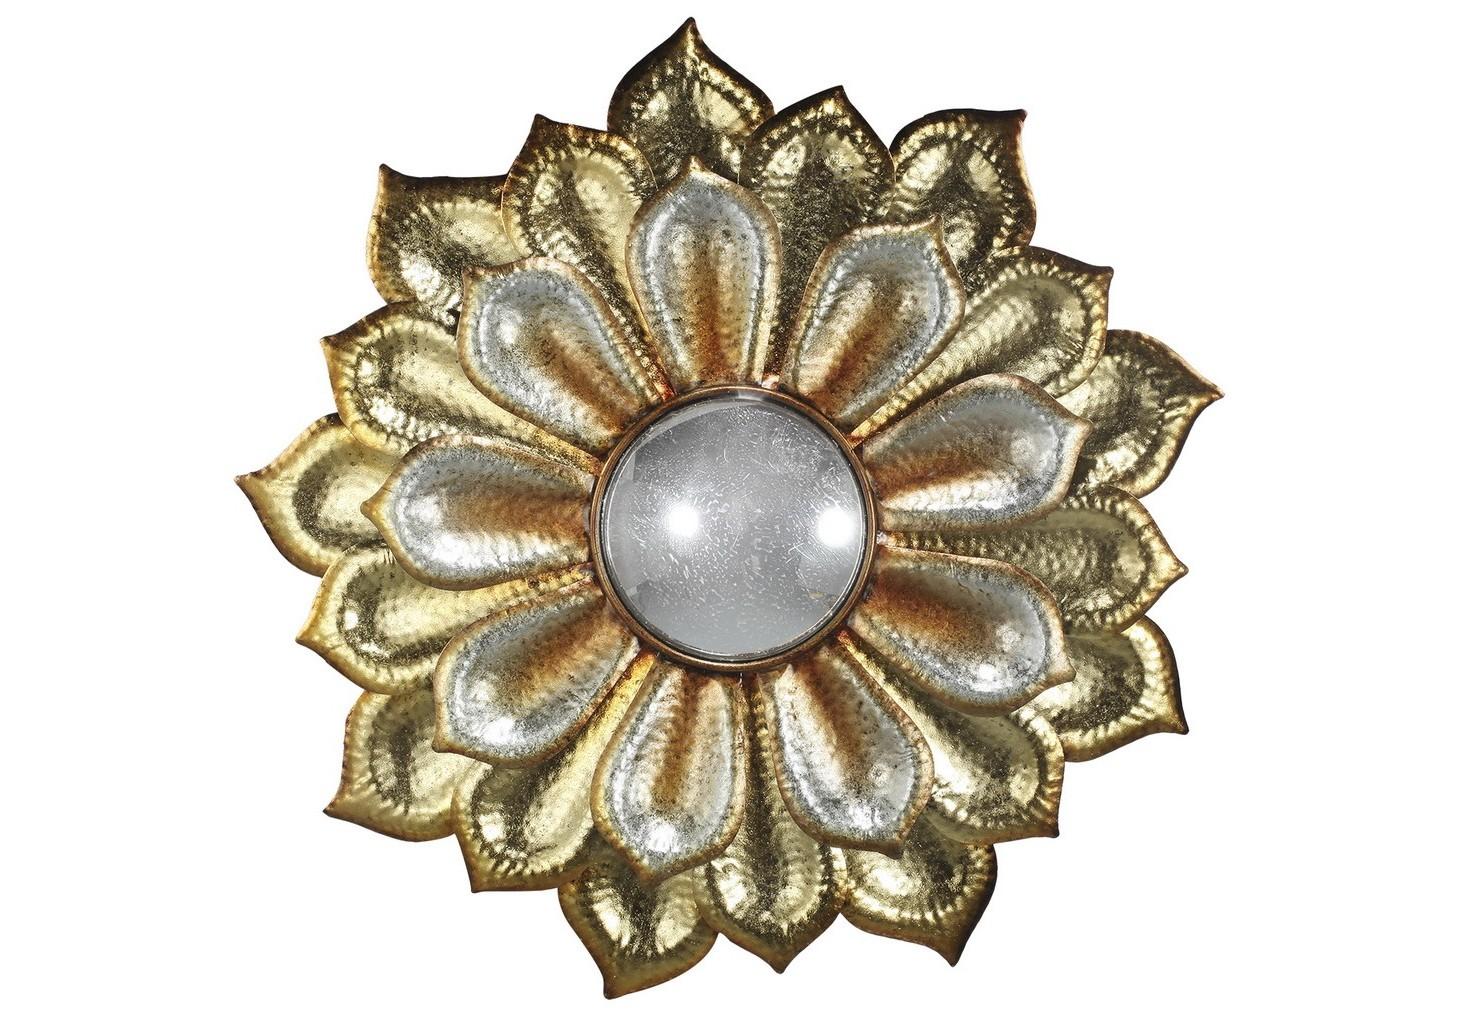 Зеркало настенноеНастенные зеркала<br>Зеркало настенное, оформленное в виде цветка.&amp;lt;div&amp;gt;Рама металлическая, цвет золото с патиной, зеркало - акриловое.&amp;lt;/div&amp;gt;&amp;lt;div&amp;gt;Вес 3,85 кг.&amp;lt;/div&amp;gt;<br><br>Material: Металл<br>Глубина см: 5